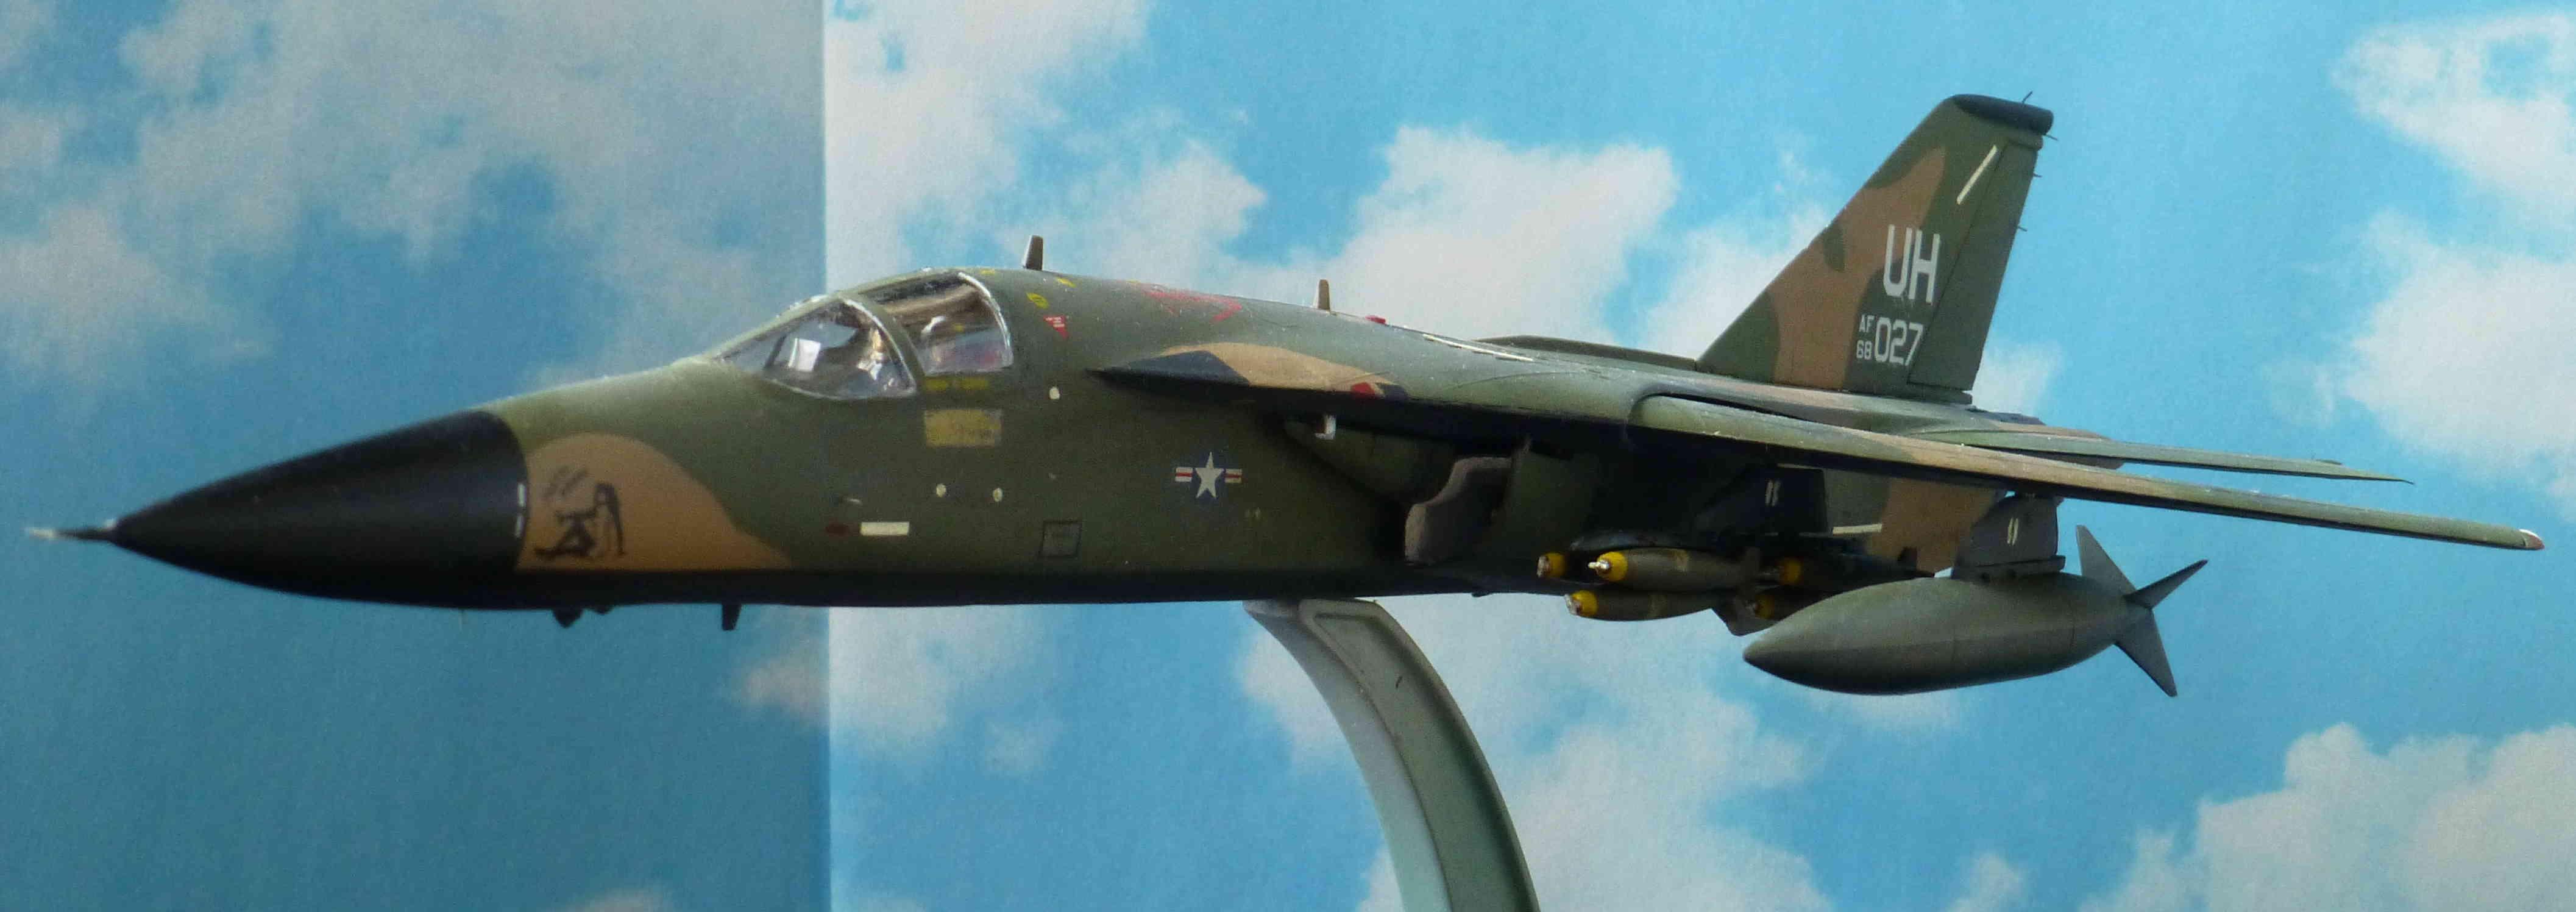 F-111E Airfix 9 04008 P1120016